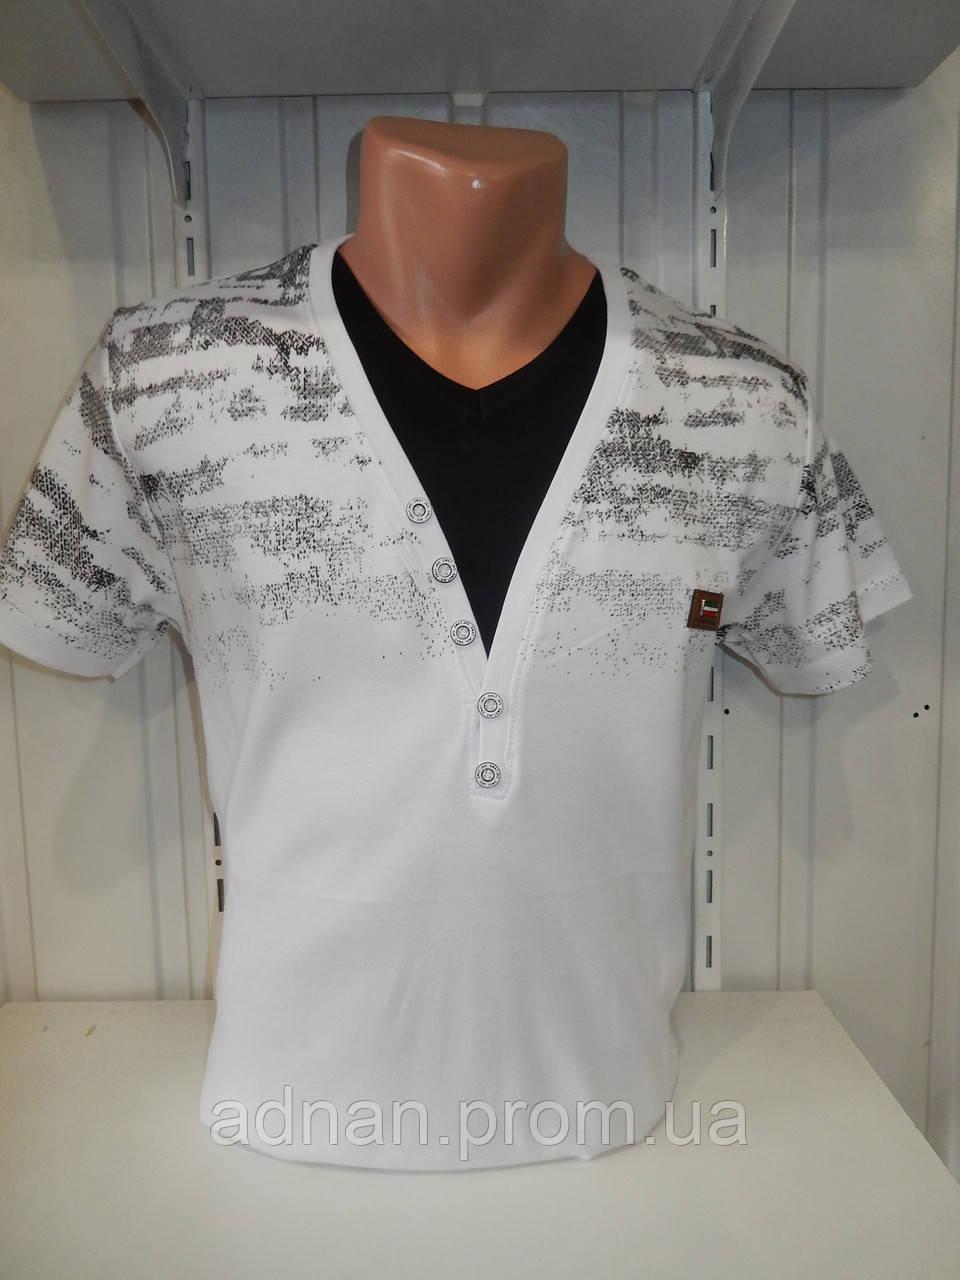 Футболка мужская VIA MONTE, вырез, стрейч котон  002\ купить футболку мужскую оптом